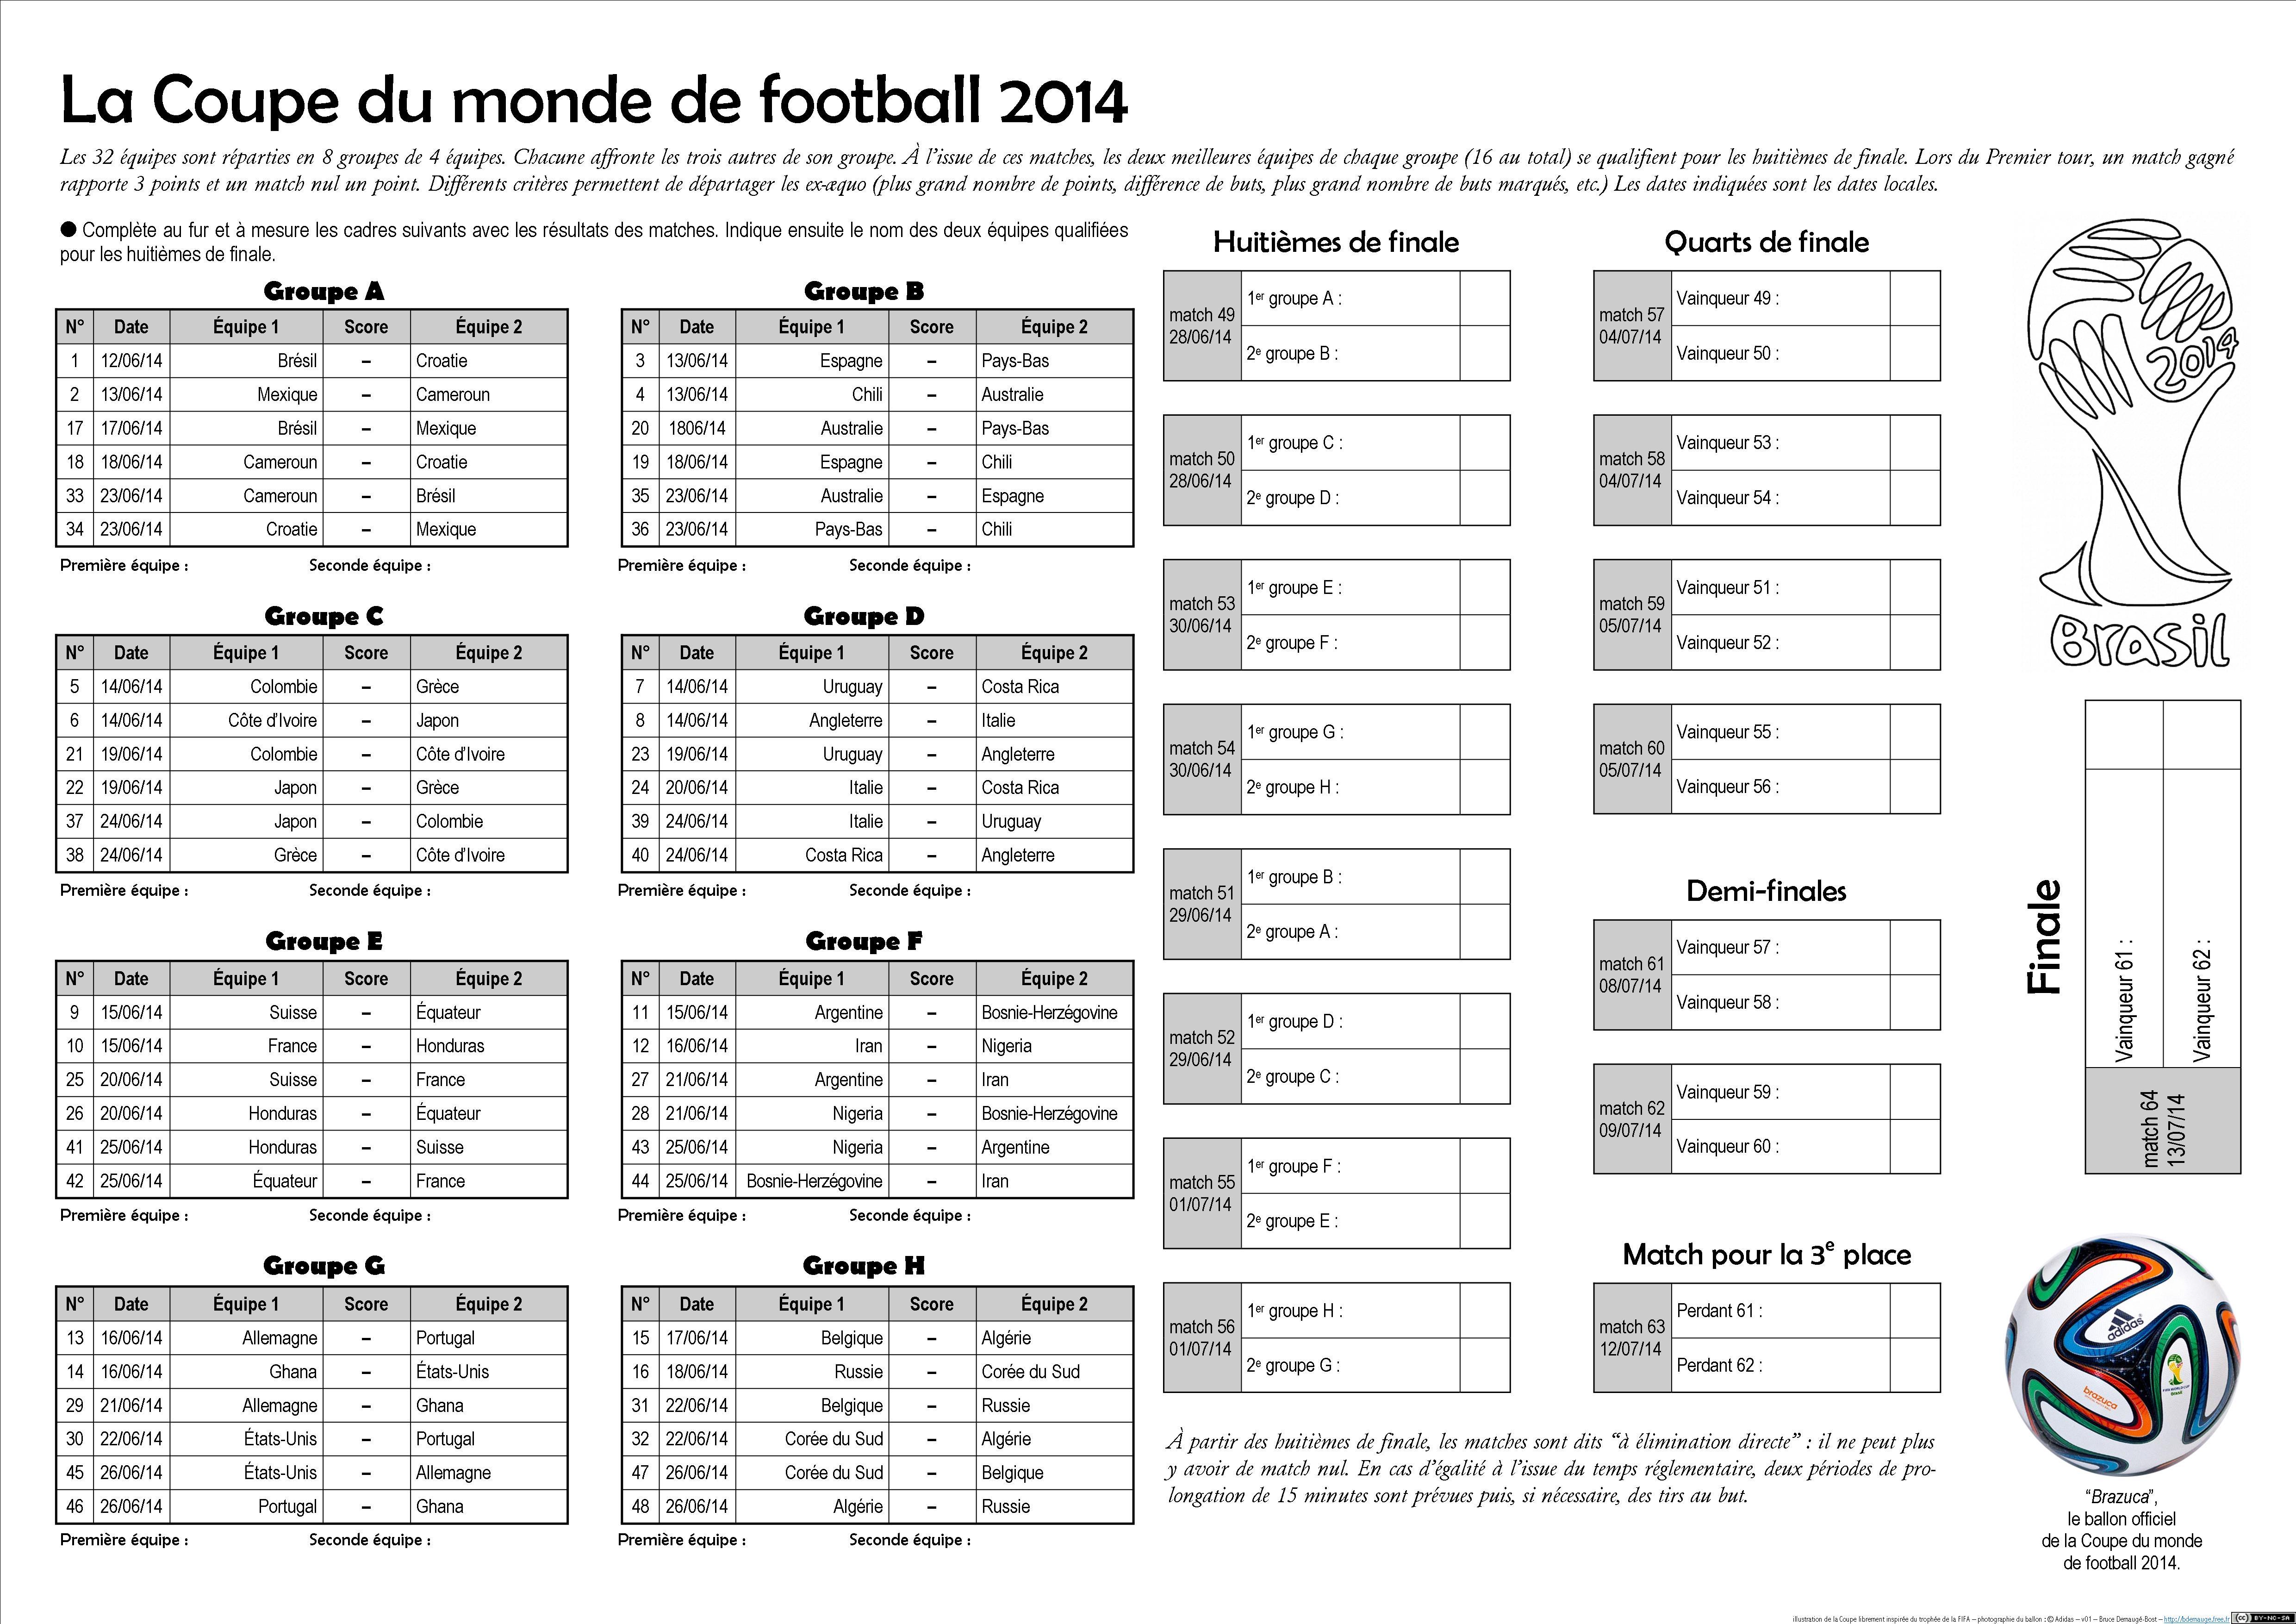 Calendrier Coupe Du Monde A Remplir.Un Defi D Actualite La Coupe Du Monde De Football 2014